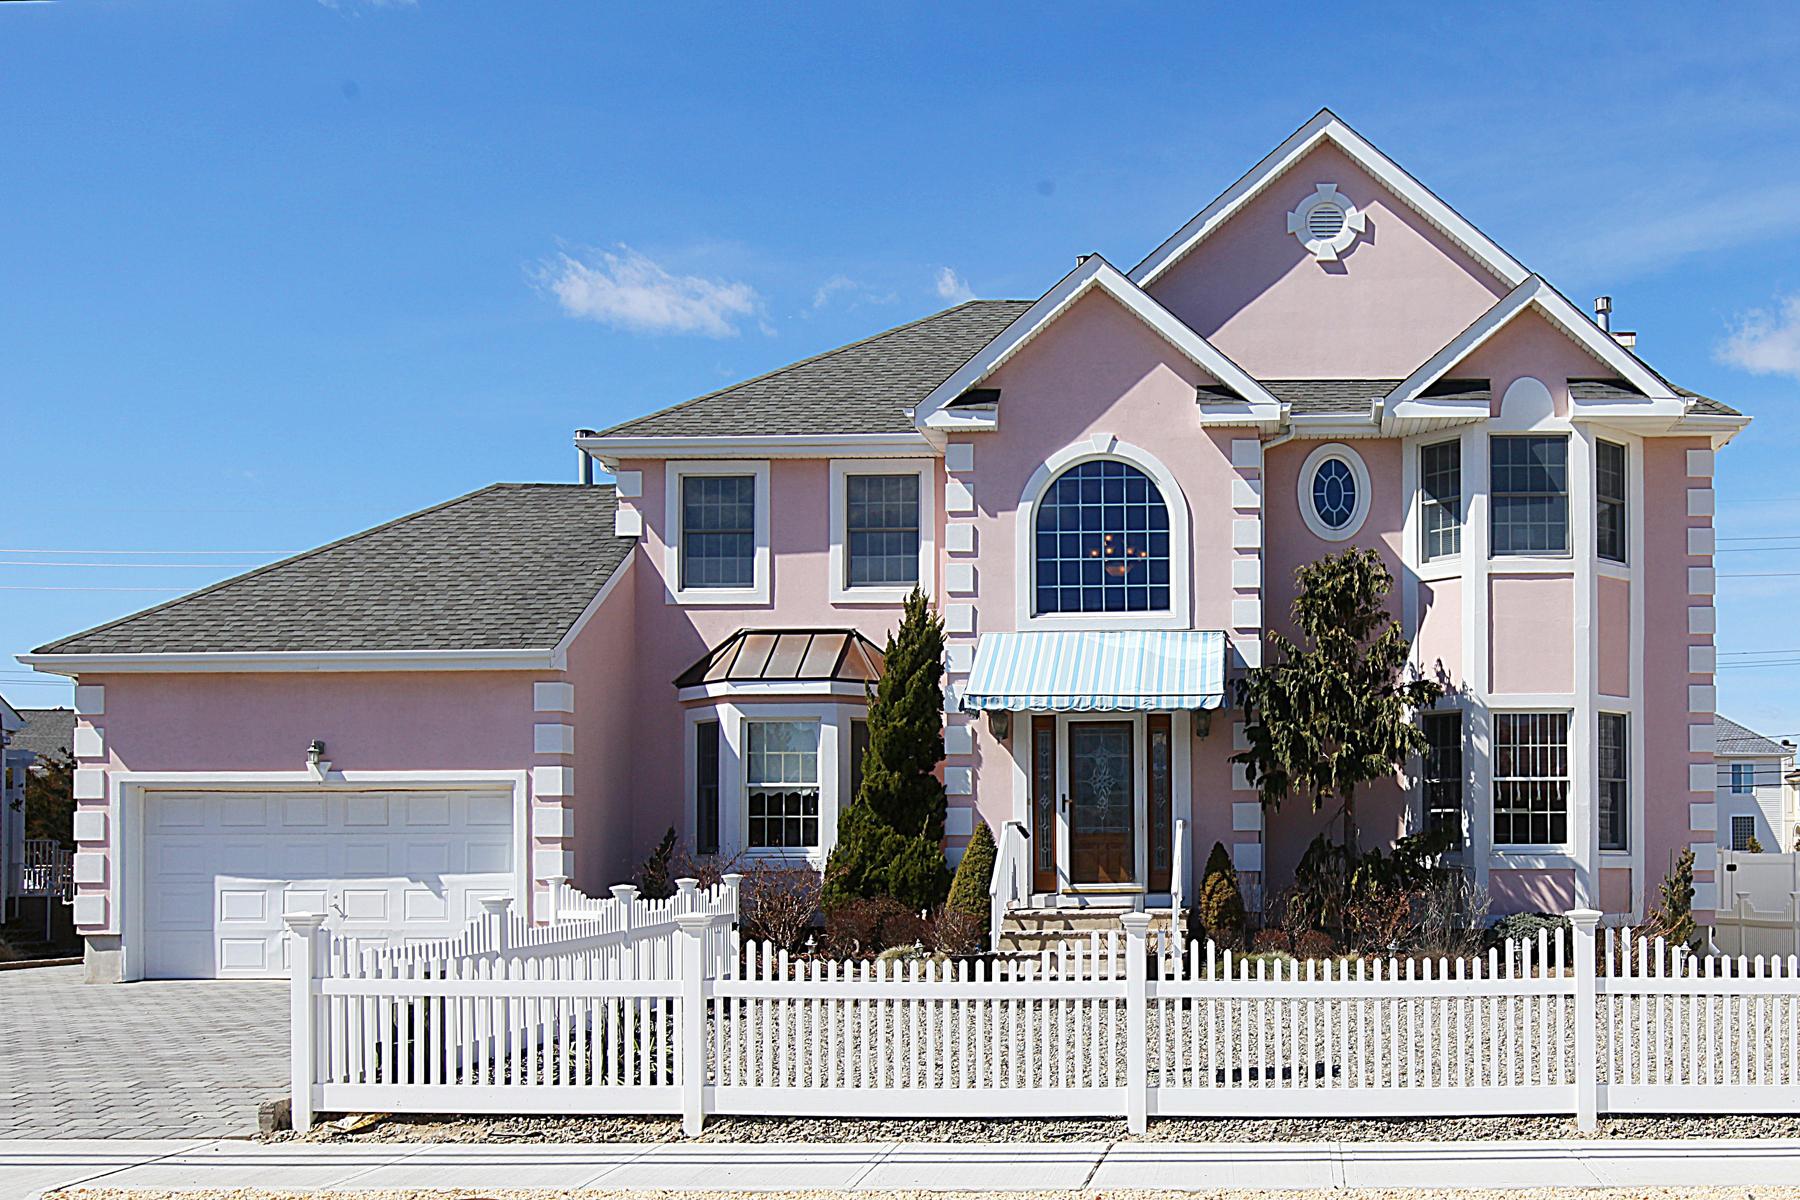 Maison unifamiliale pour l Vente à Custom Designed Colonial Homes 179 N Route 35 Mantoloking, New Jersey, 08738 États-Unis